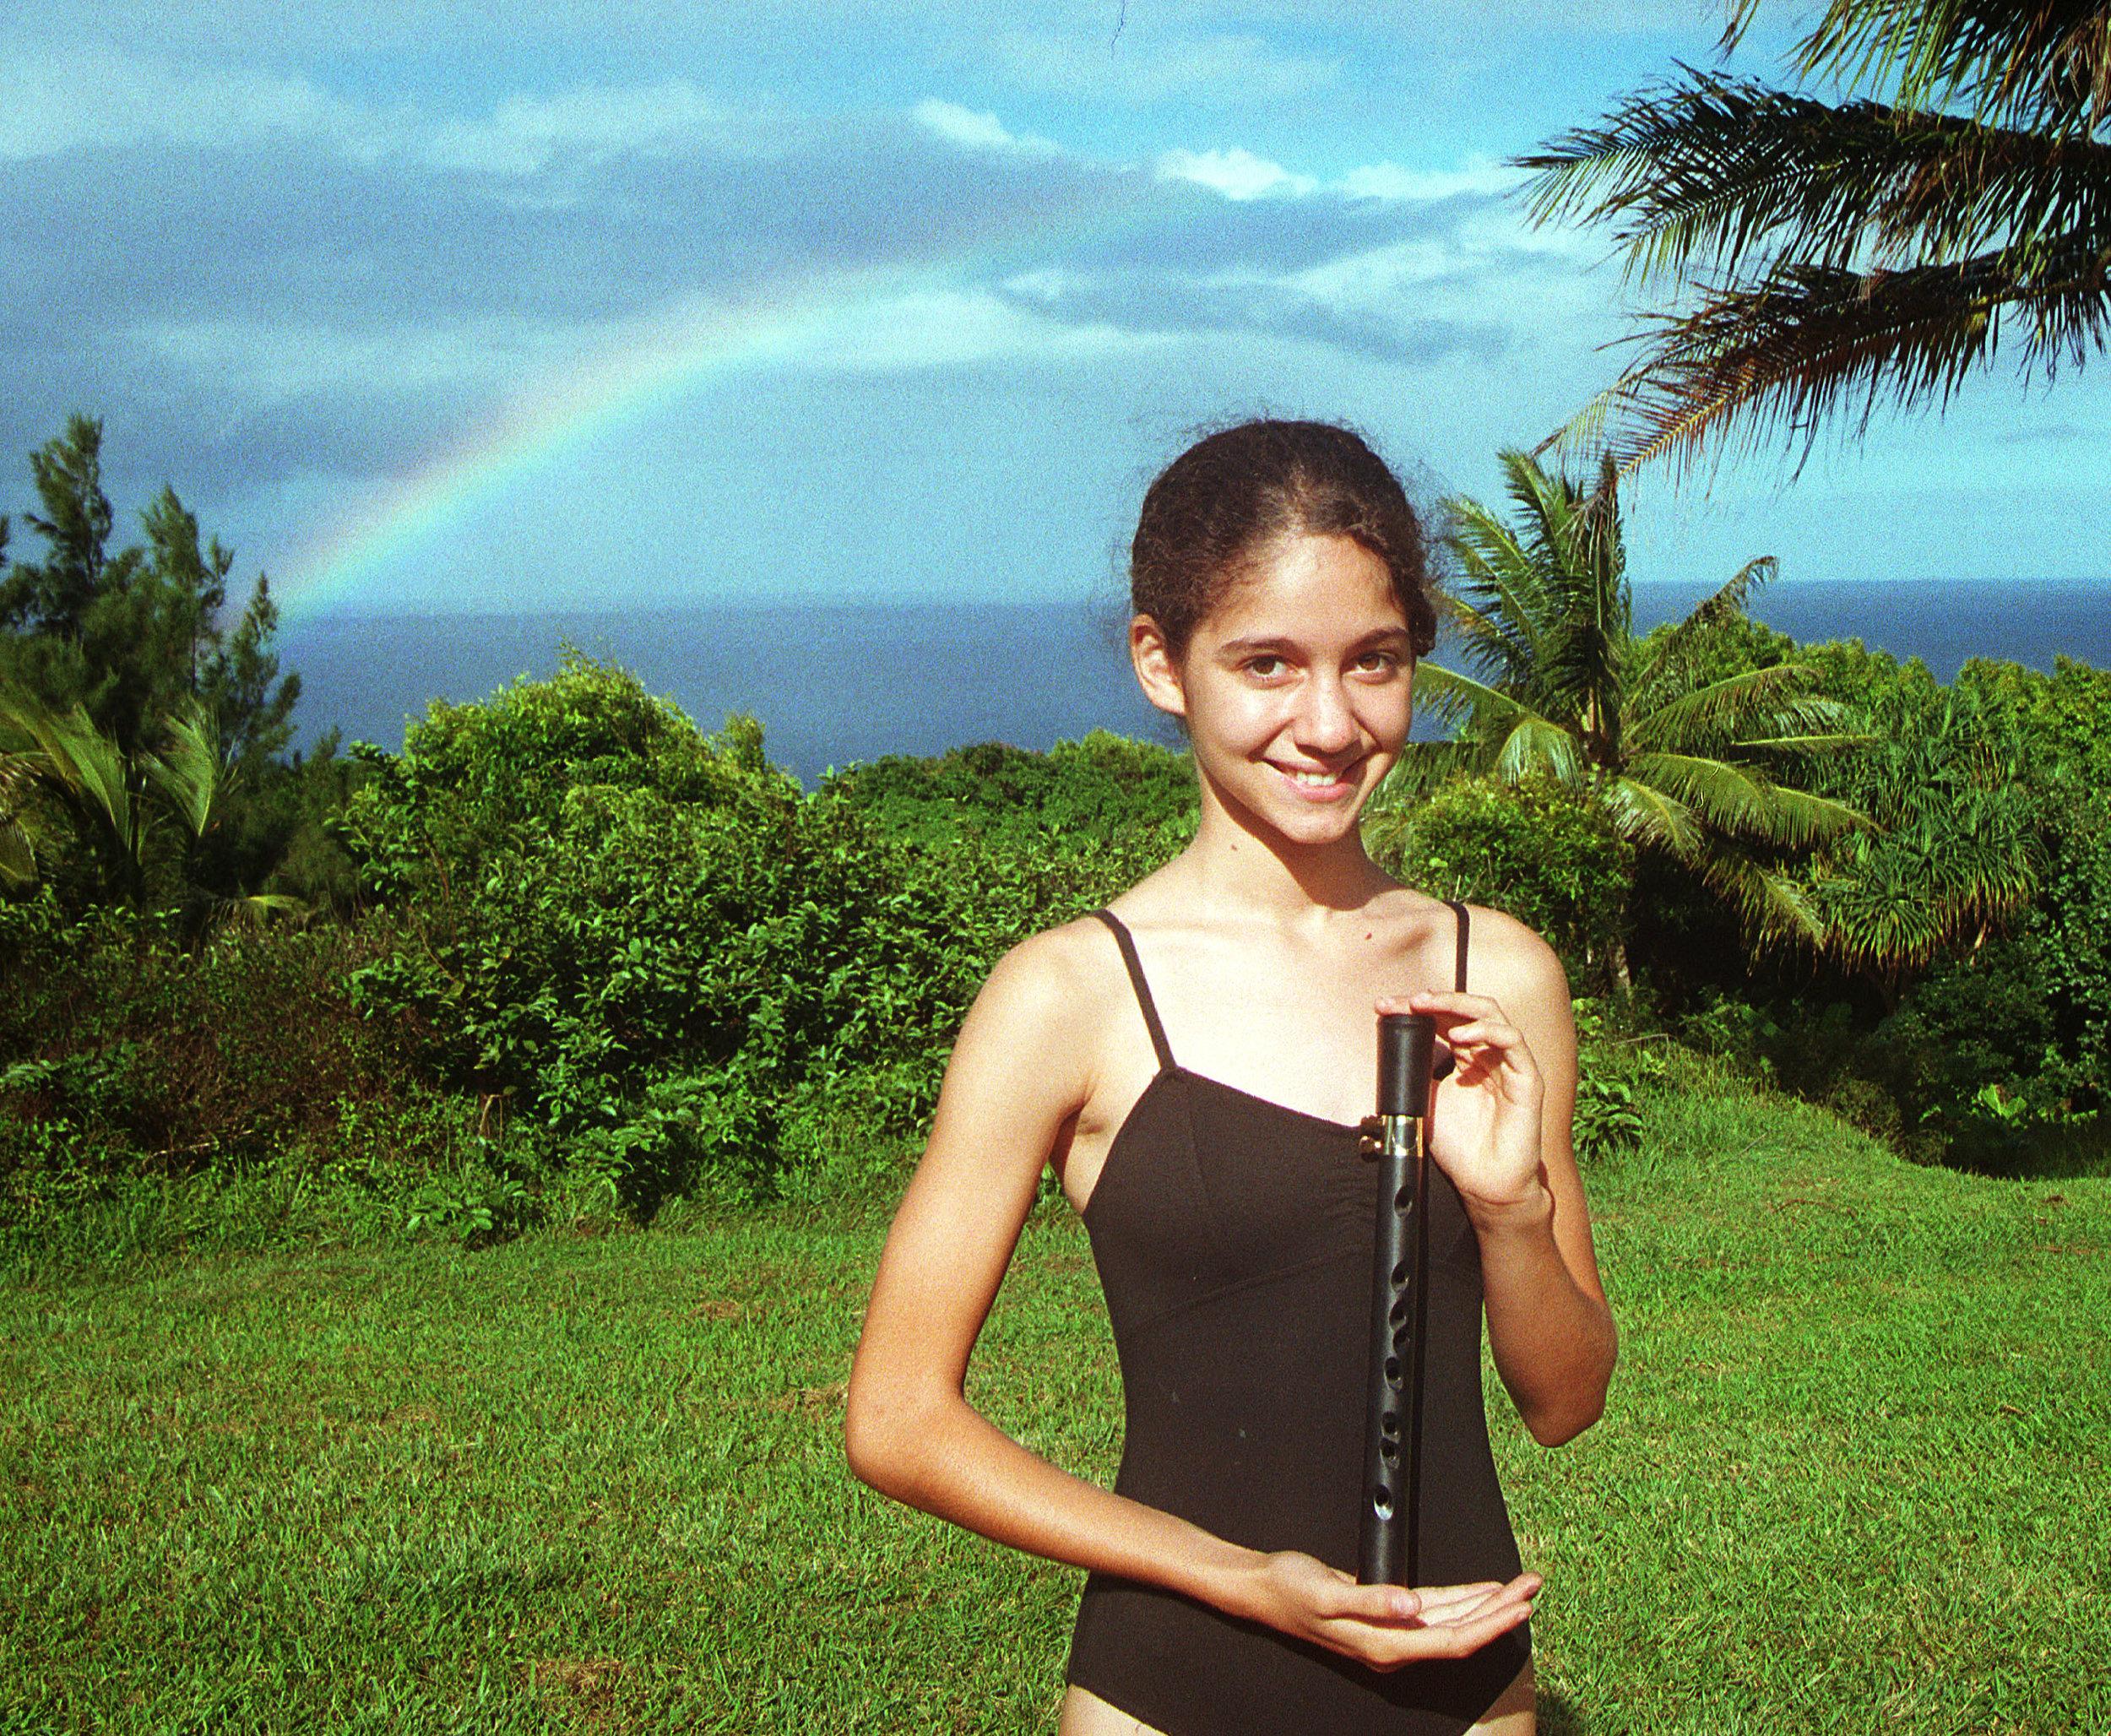 Nia Xaphoon Rainbow 7x8 300 dpi.jpg